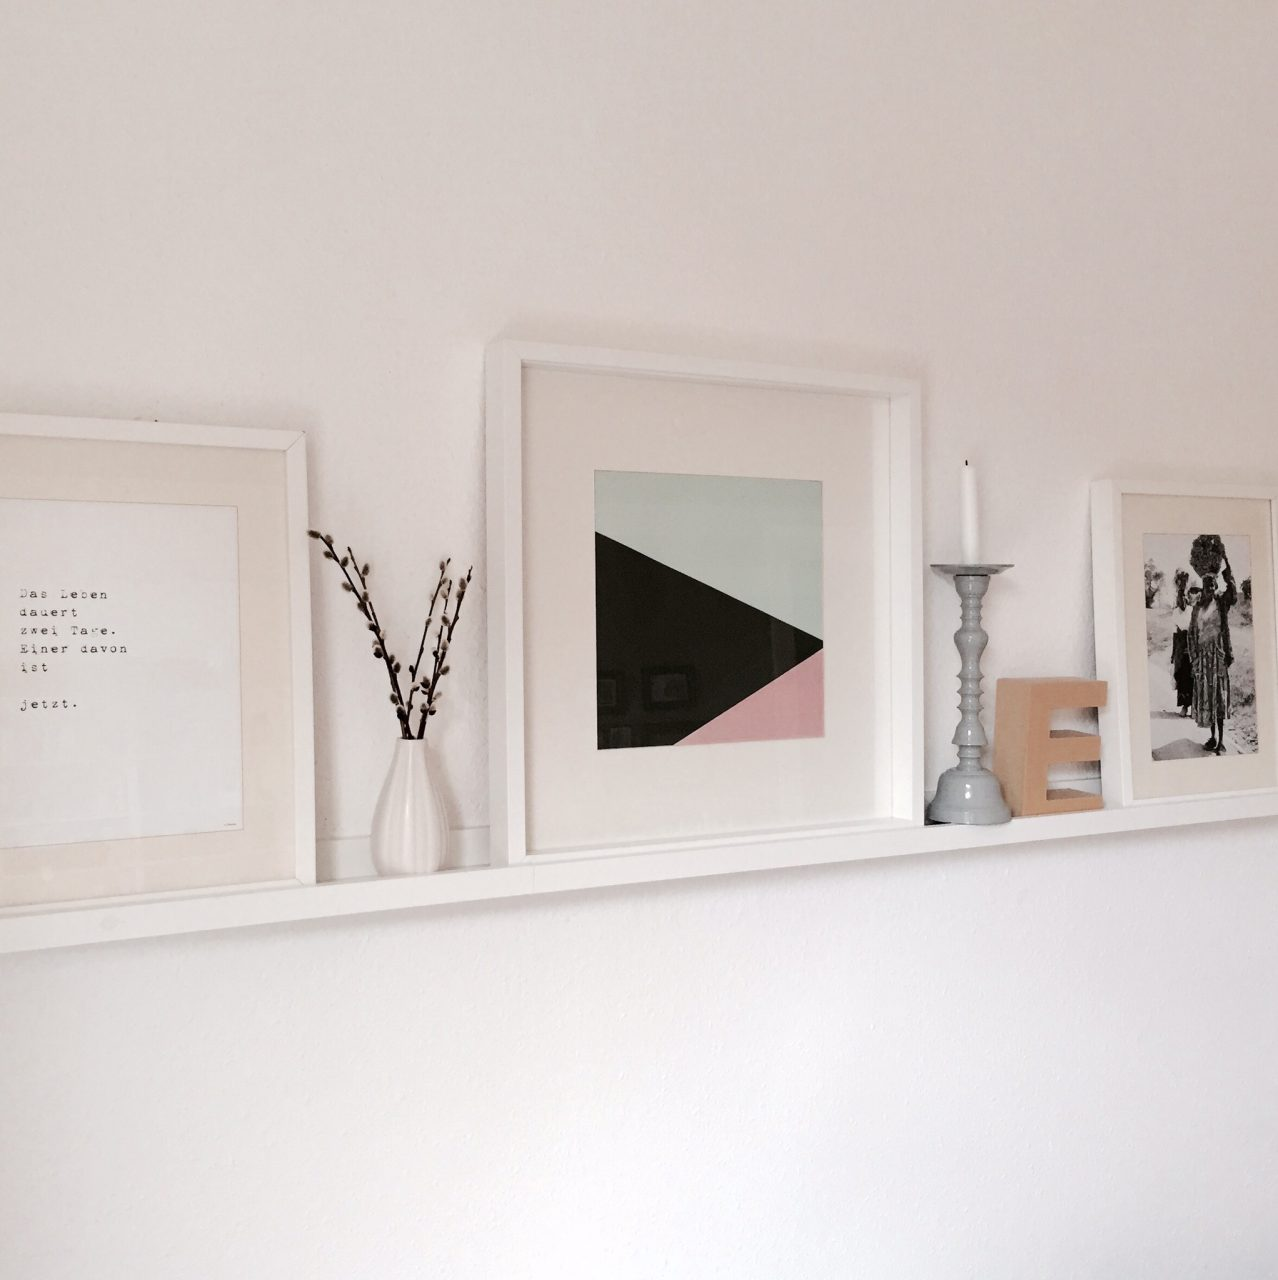 ein hauch von fr hling leichte deko f r die bude sarahplusdrei. Black Bedroom Furniture Sets. Home Design Ideas